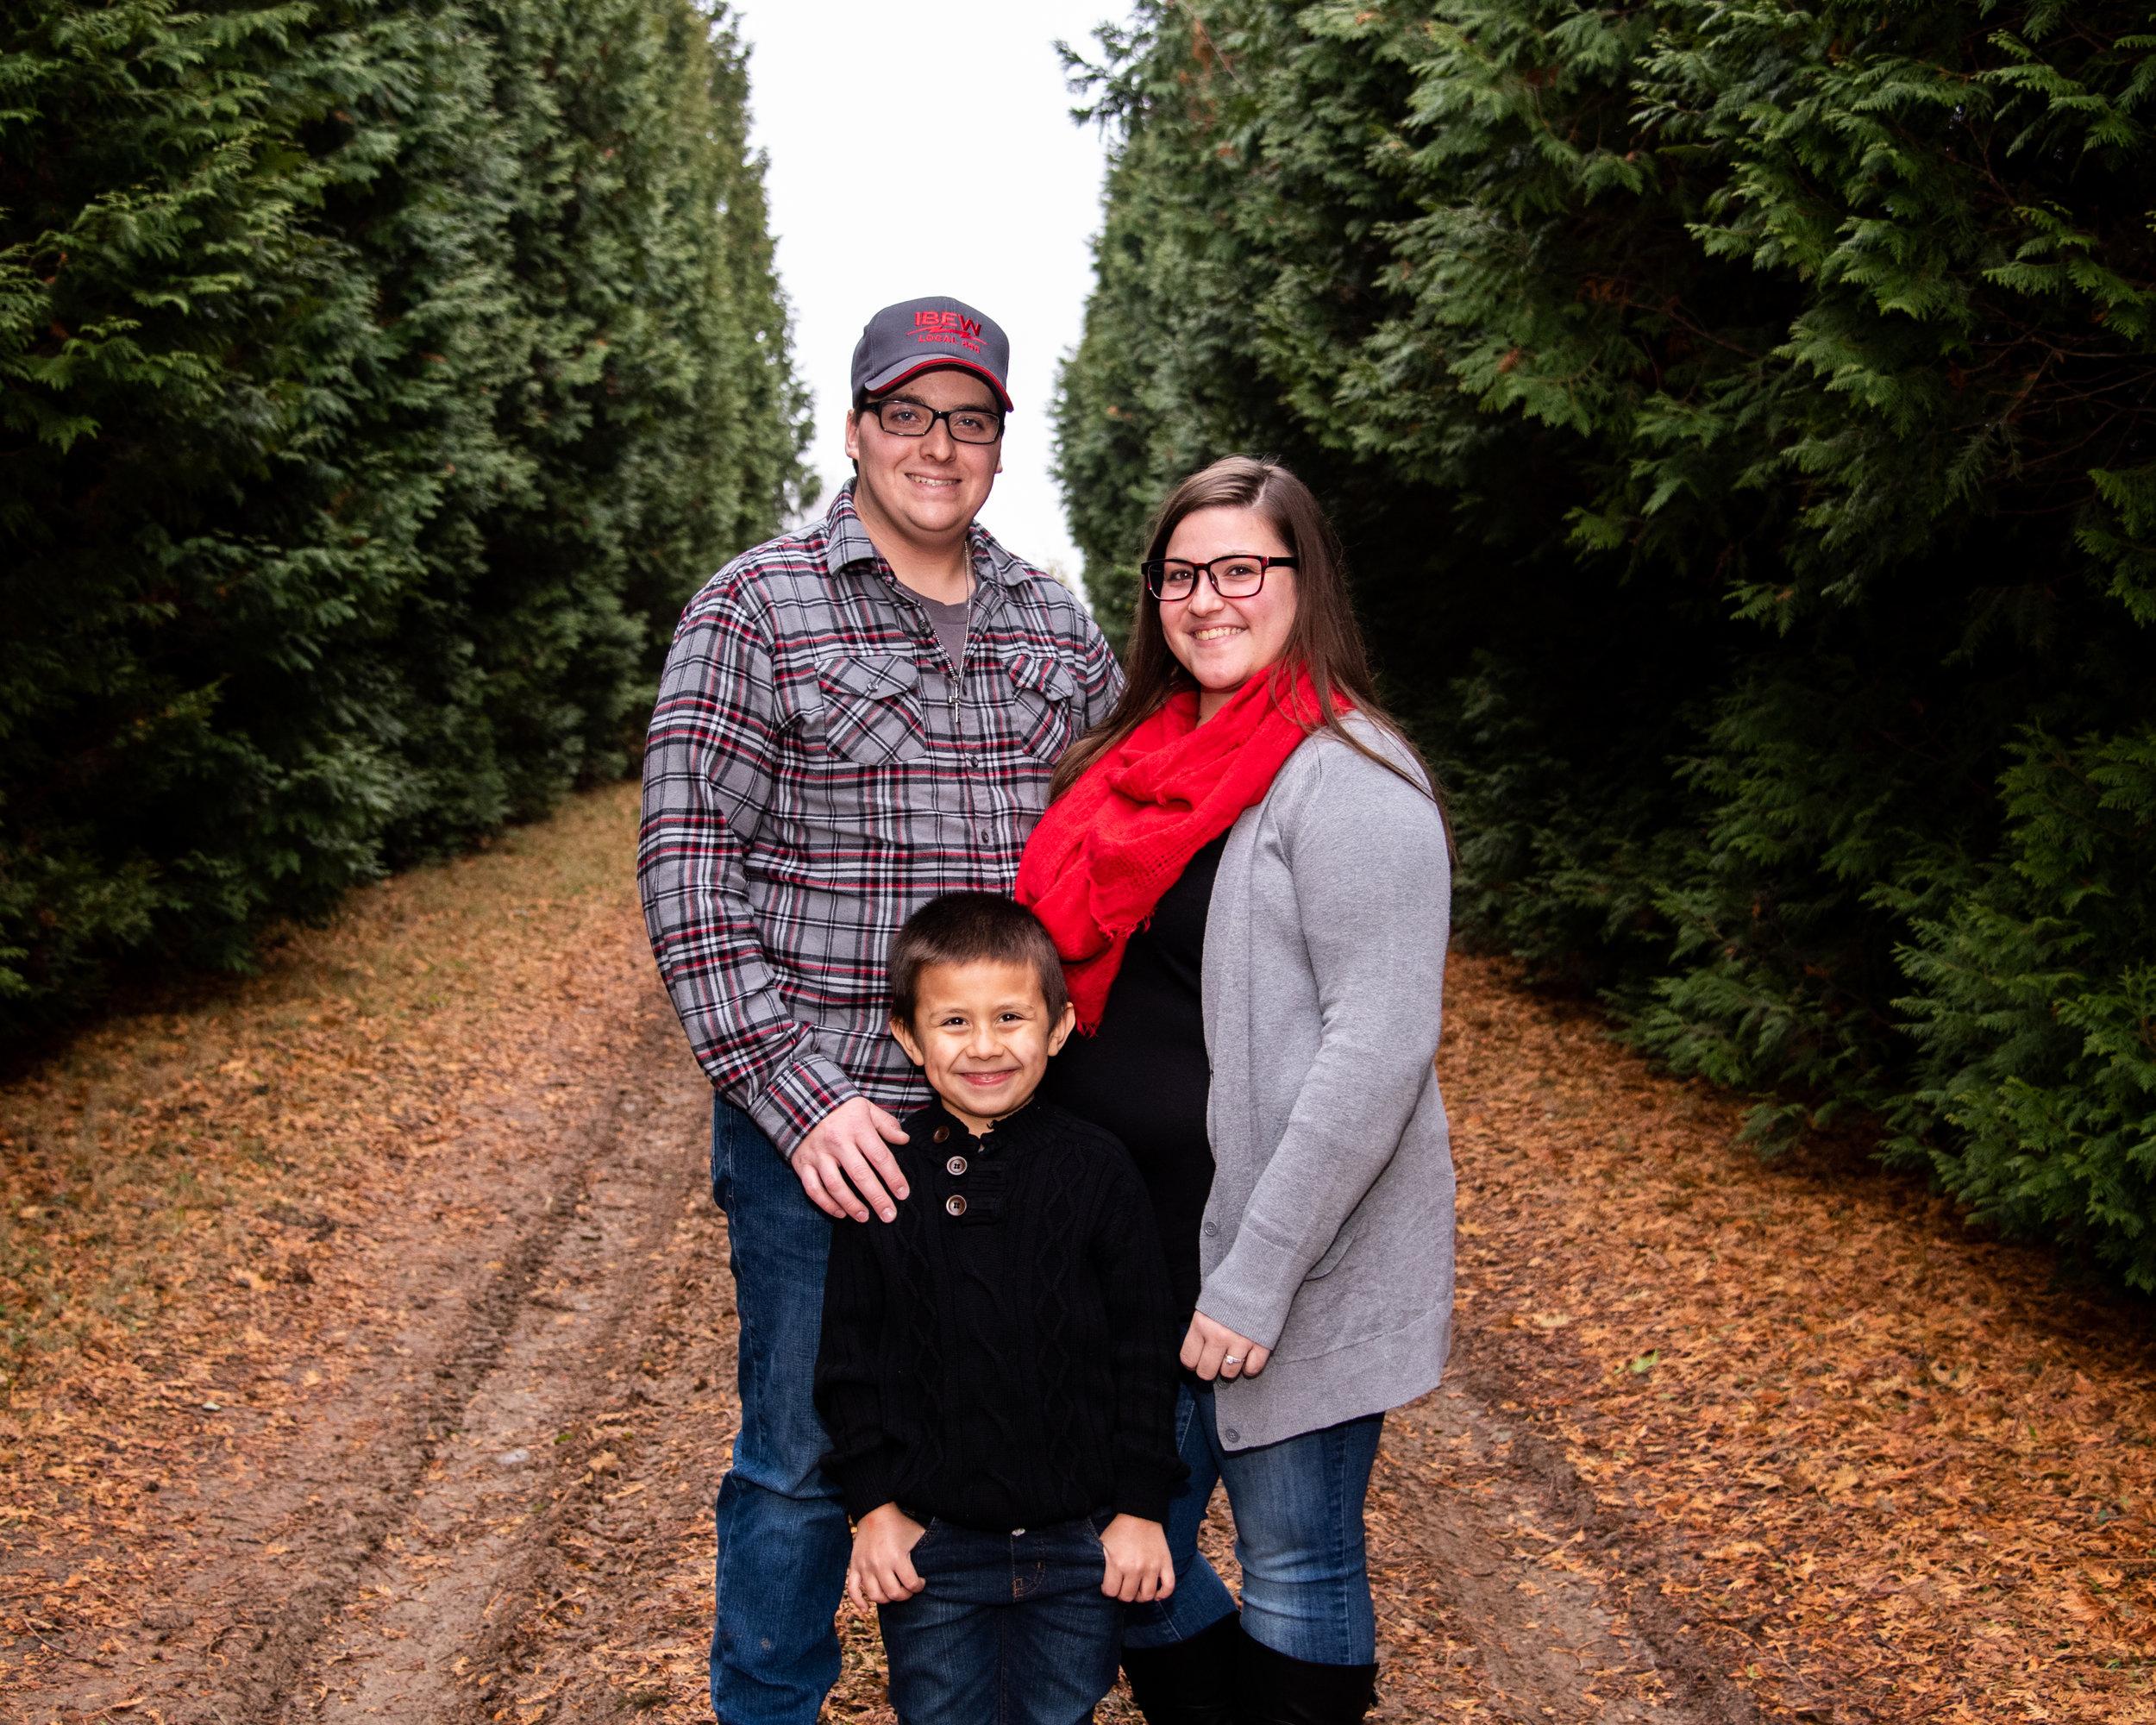 Kyla Jo Photography Muncie Indiana Photographer Family Photos Whitetail Tree Farm Christmas Family Session